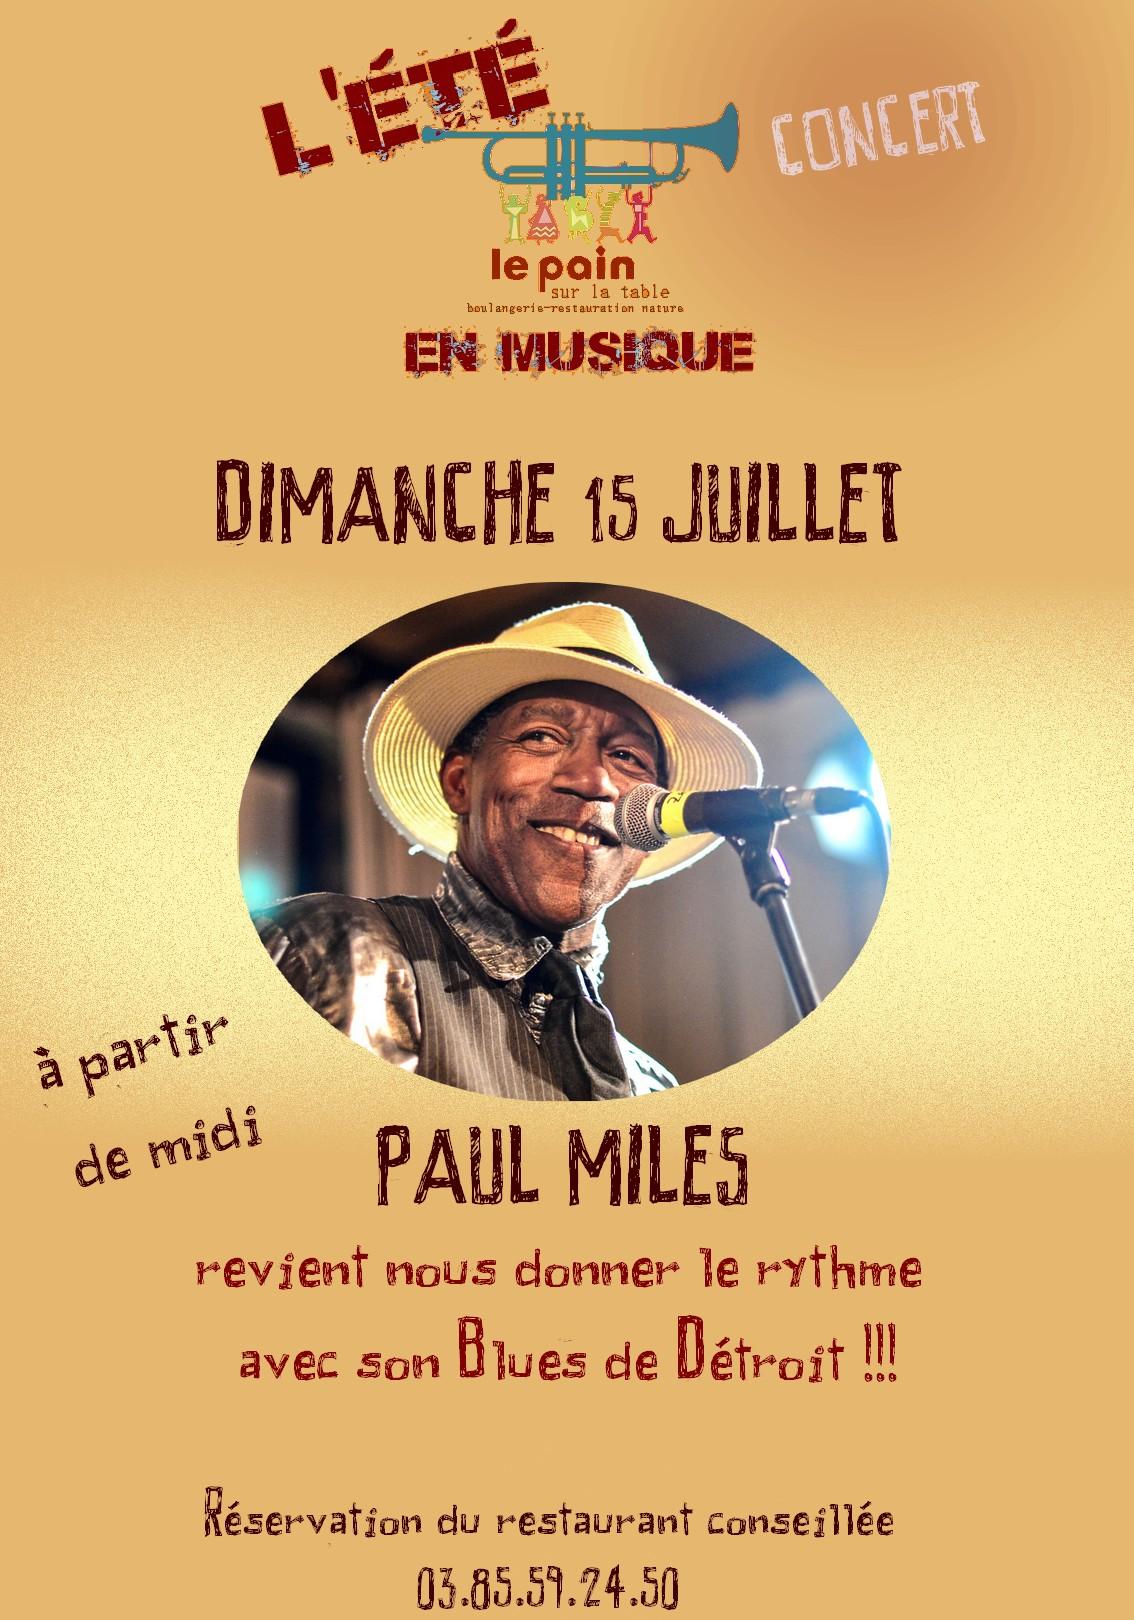 Paul Miles en concert dimanche 15 juillet